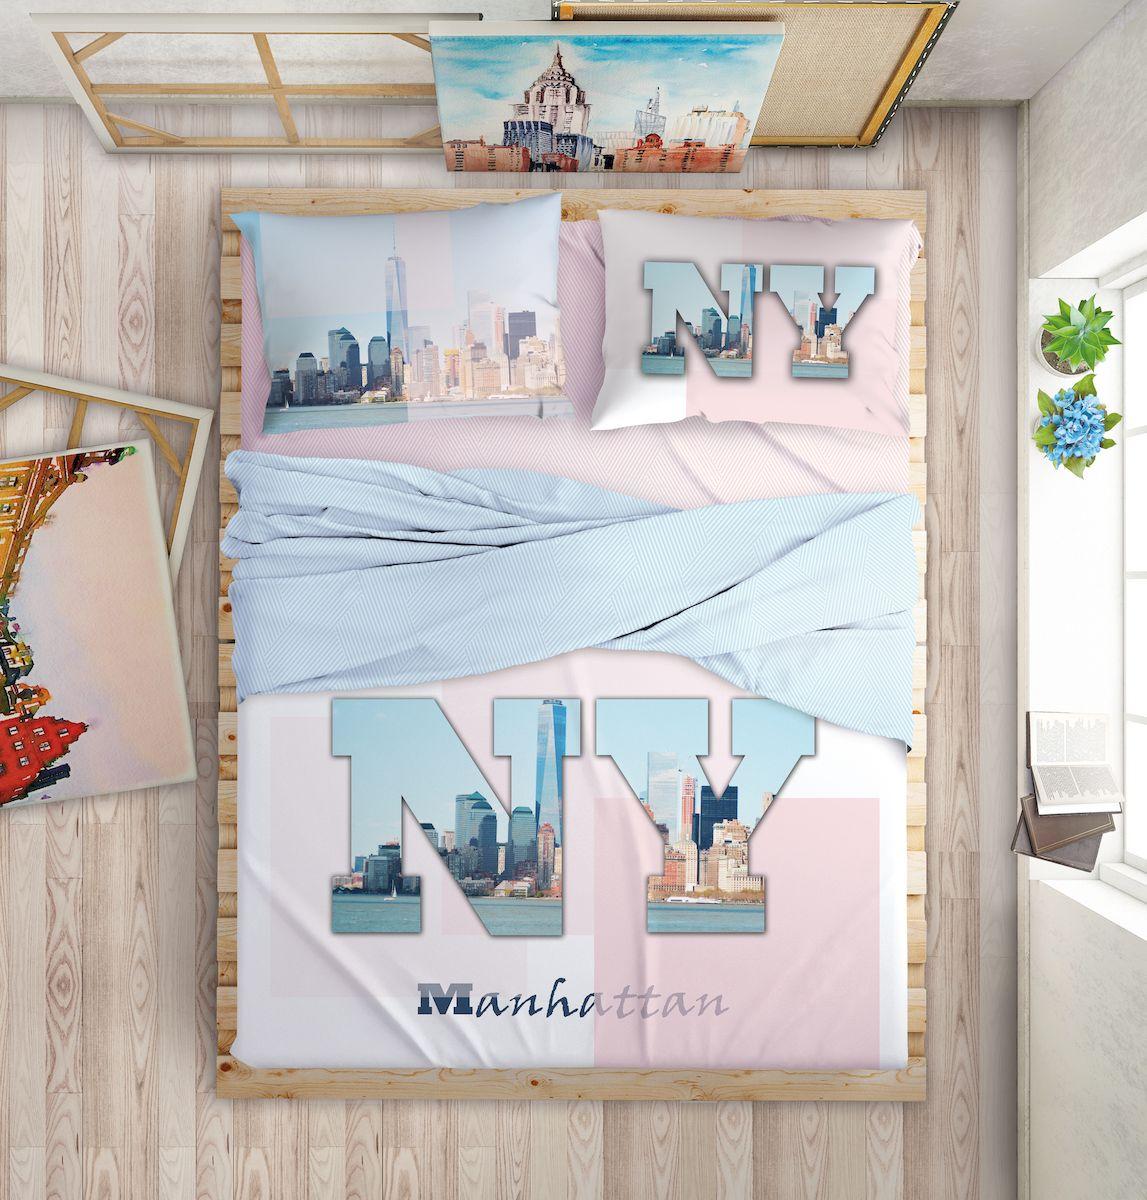 Комплект белья Love Me Manhattan Dreams, 1,5-спальный, наволочки 50х70, цвет: голубой198854Международный бренд для молодых, современных, стильных. Love Me - бренд качественного постельного белья, для молодых людей, создающий ощущение комфорта, защищенности и уюта. При этом - модный, современный, стильный. Упаковка выполнена в оригинальном стиле - имитирует модель сумки Furla.